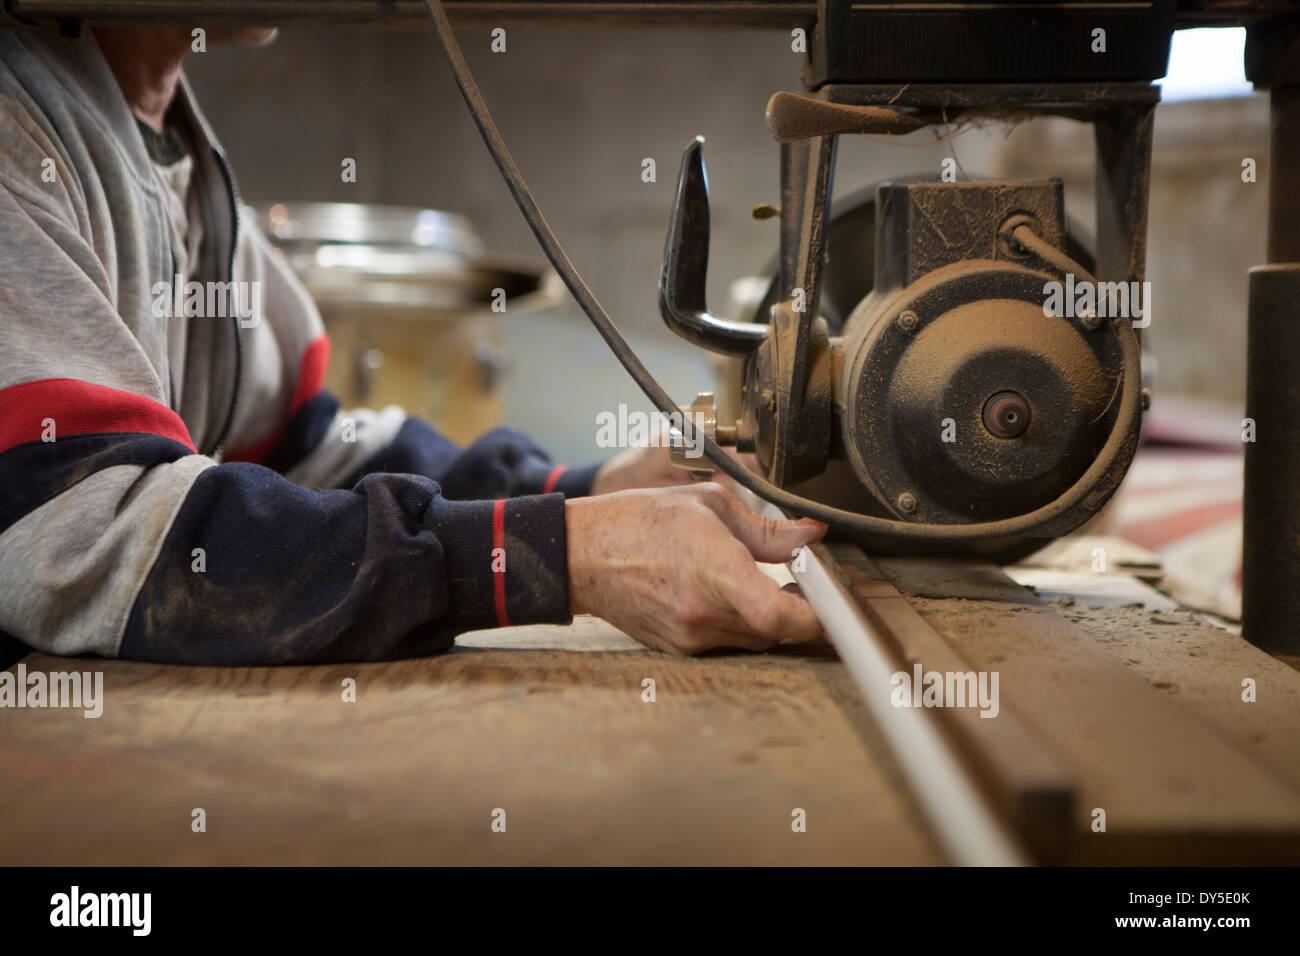 Cerca del hombre con sierra de brazo radial en el taller Imagen De Stock